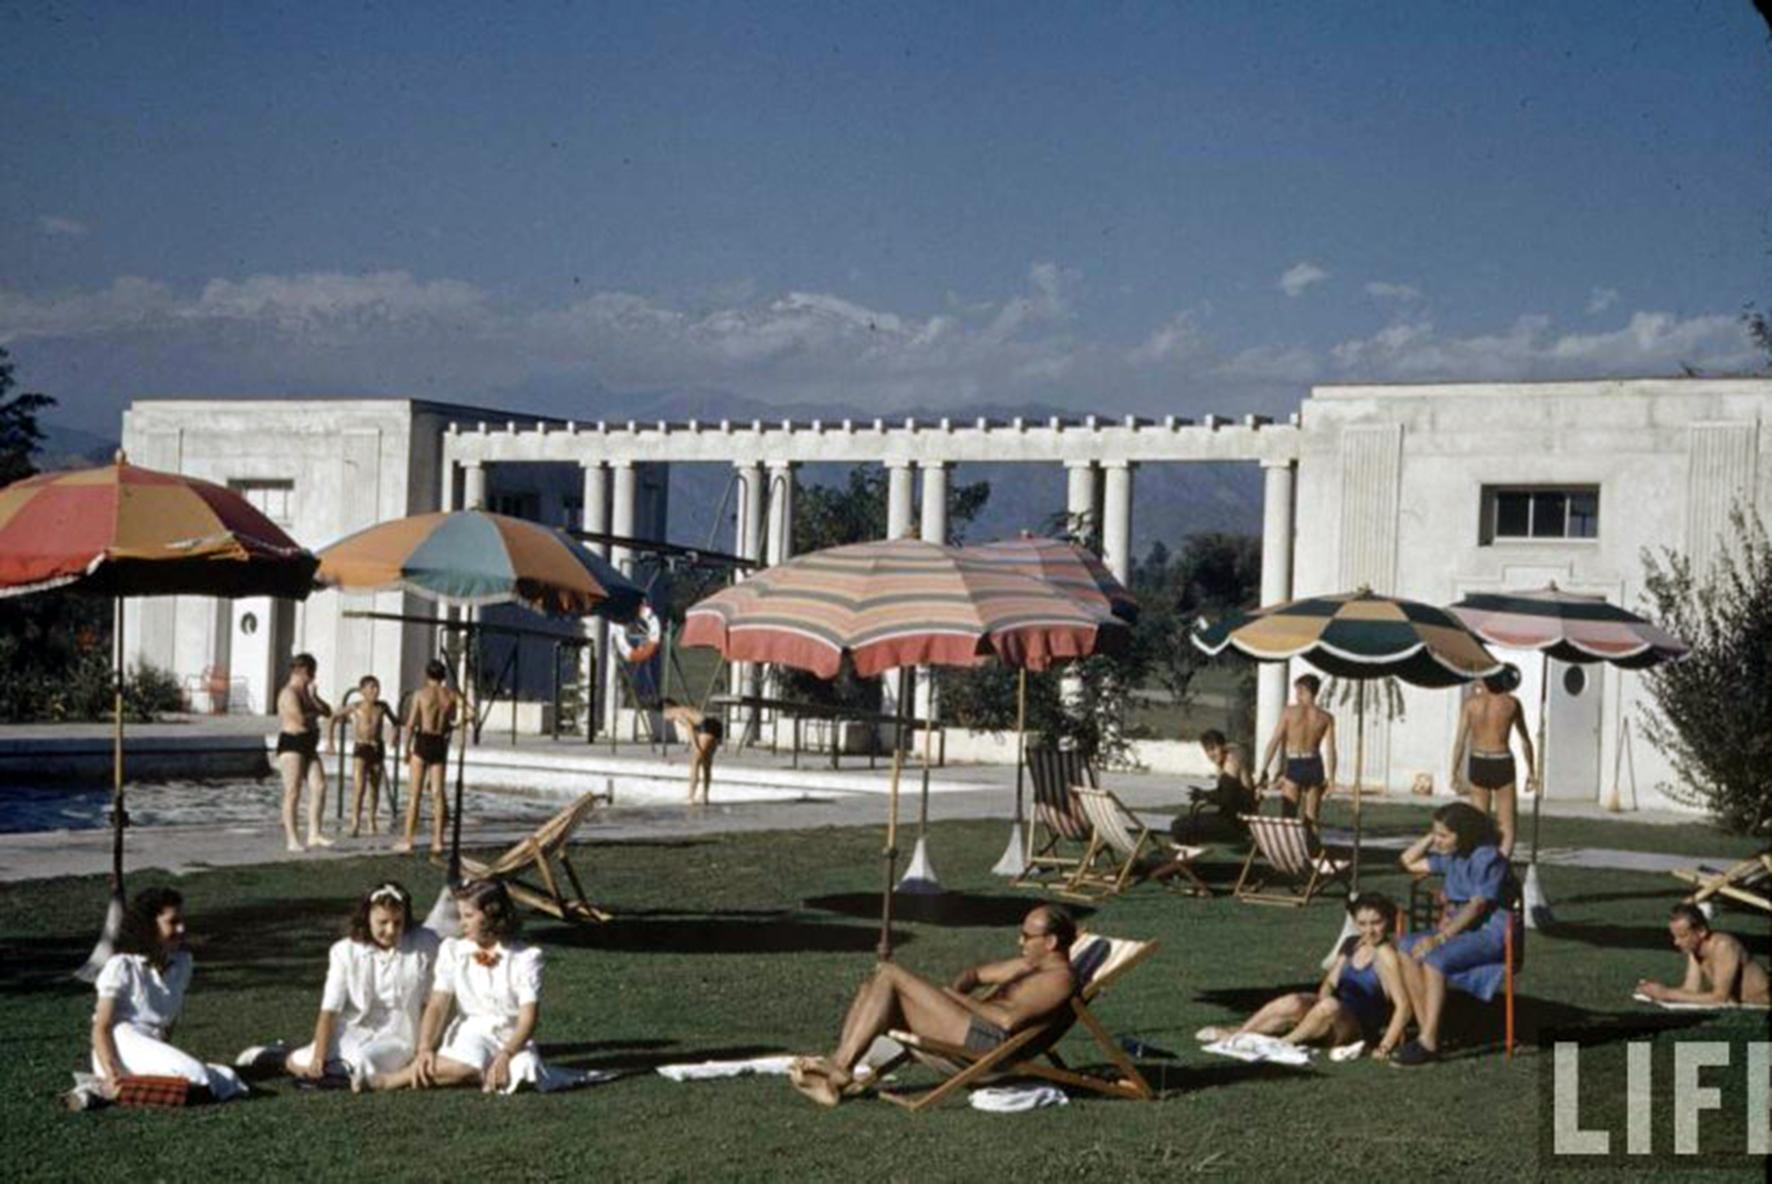 Enterreno - Fotos históricas de chile - fotos antiguas de Chile - Veraneantes en Club de Golf Los Leones en el año 1941.